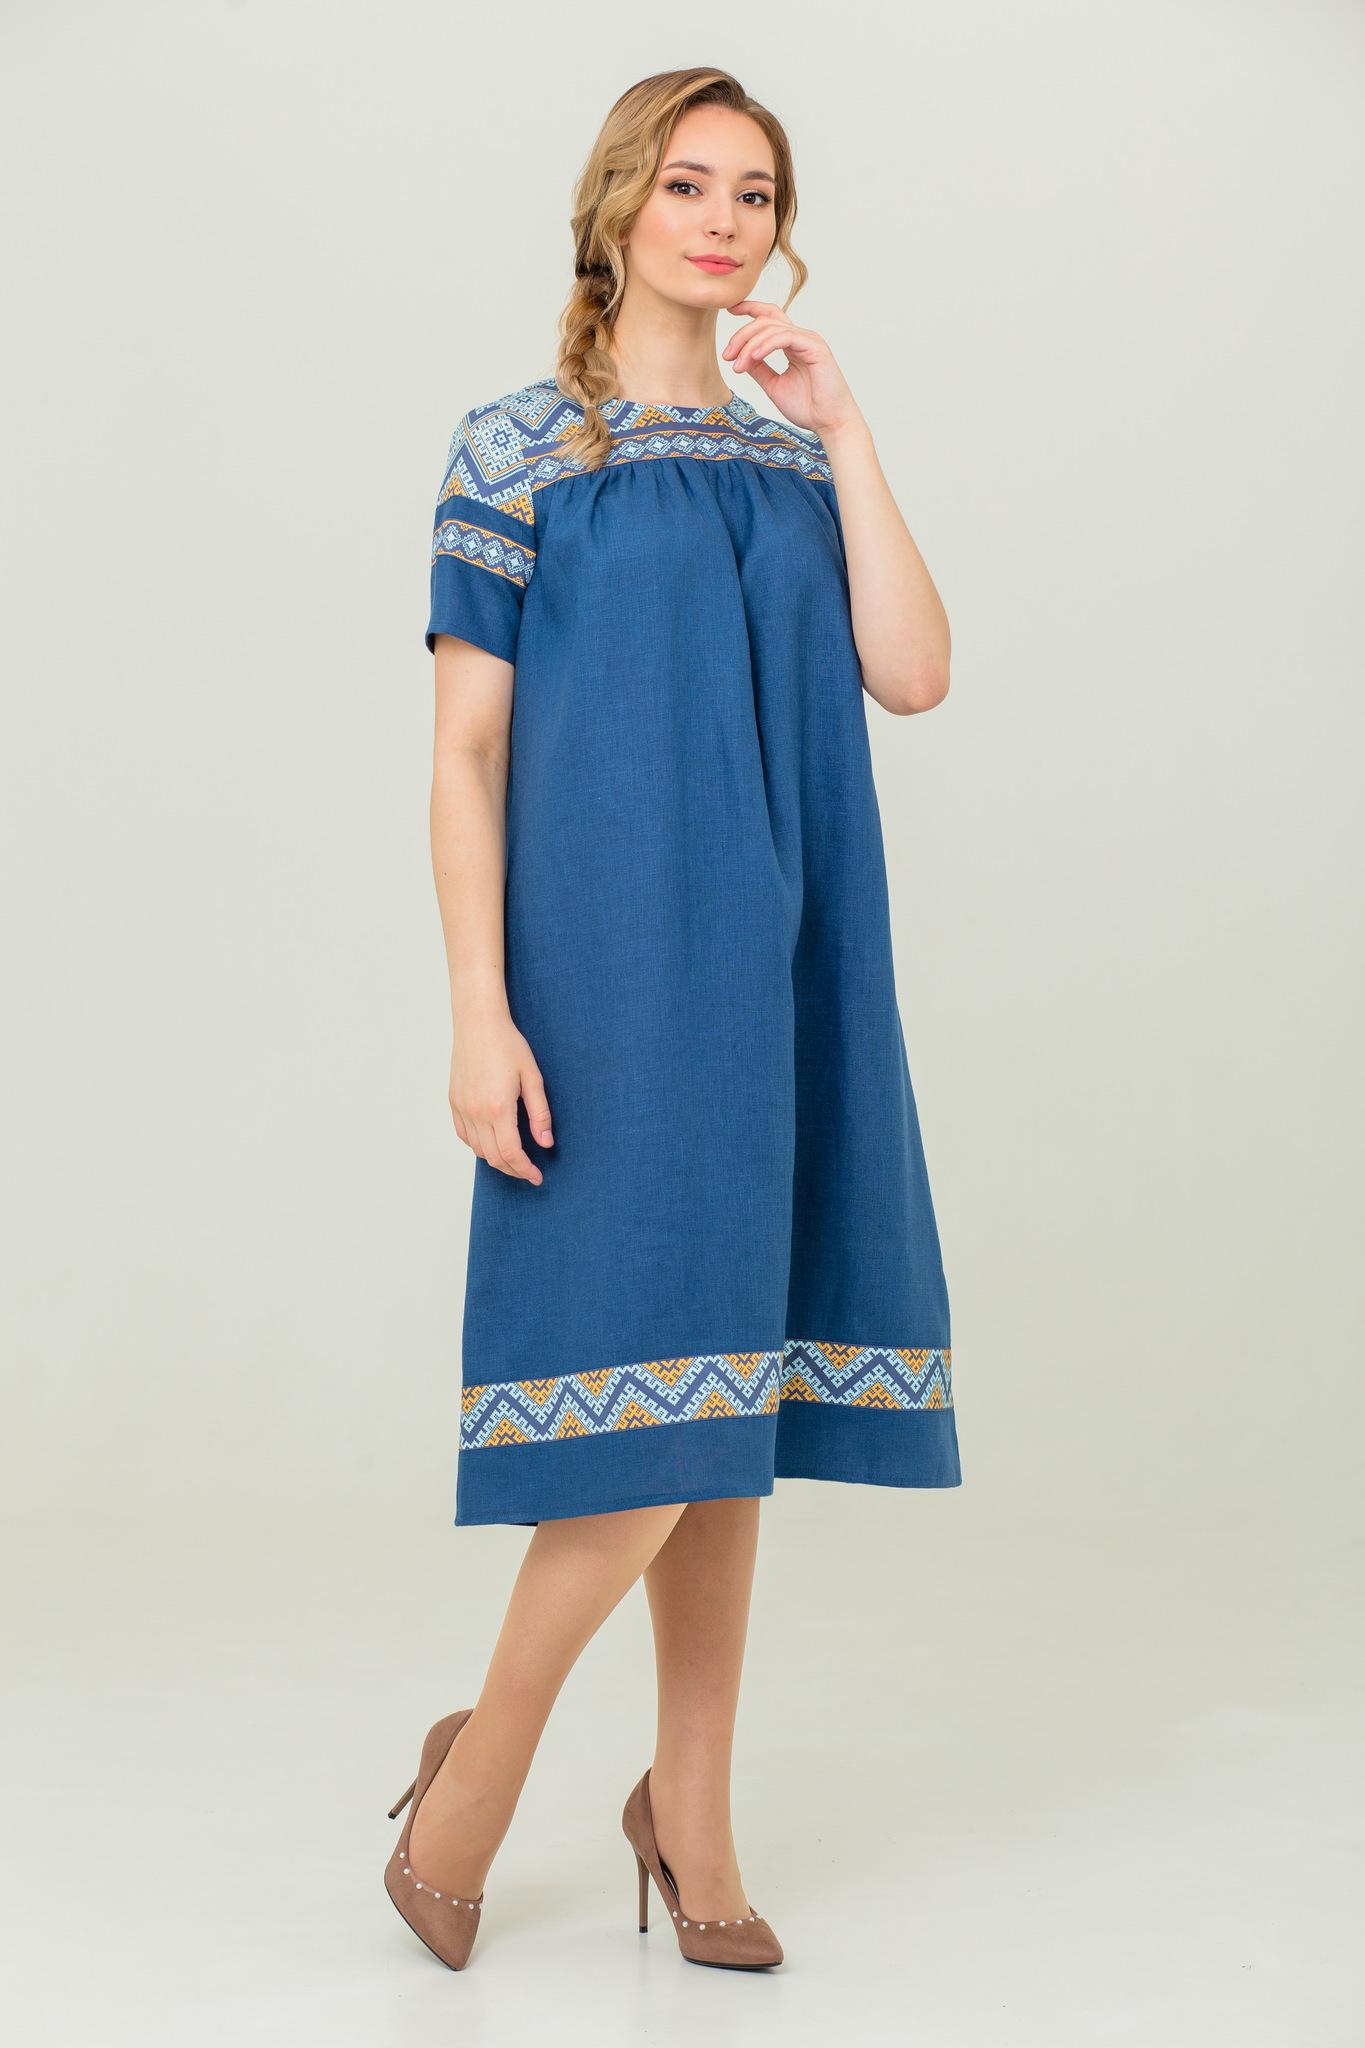 платье русское народное с обережным орнаментом Каспийское